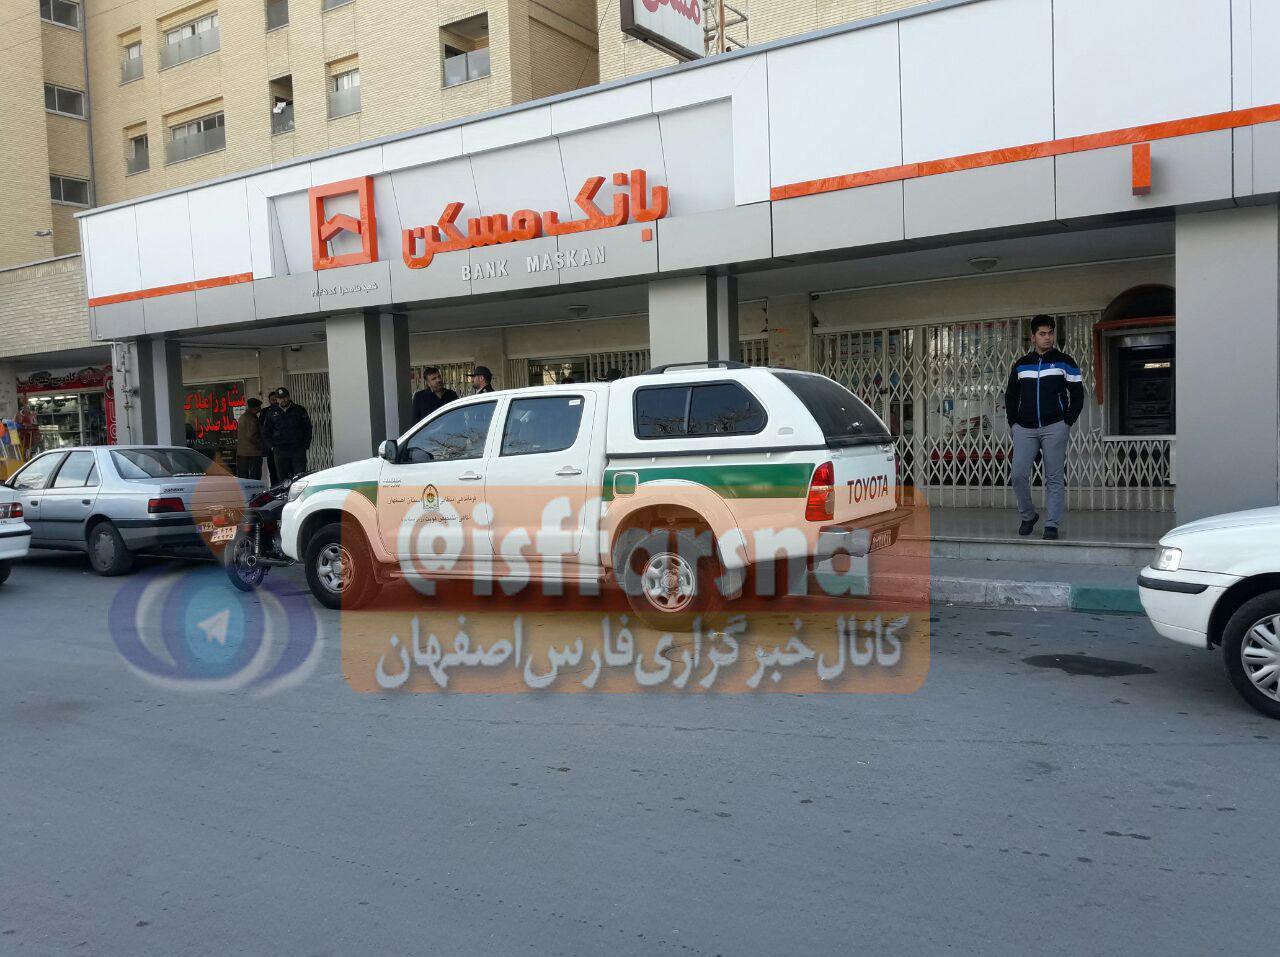 سرقت مسلحانه از بانک مسکن خیابان حکیم شفایی/ اقدامات گسترده برای جلوگیری از متواری شدن سارق + تصویر